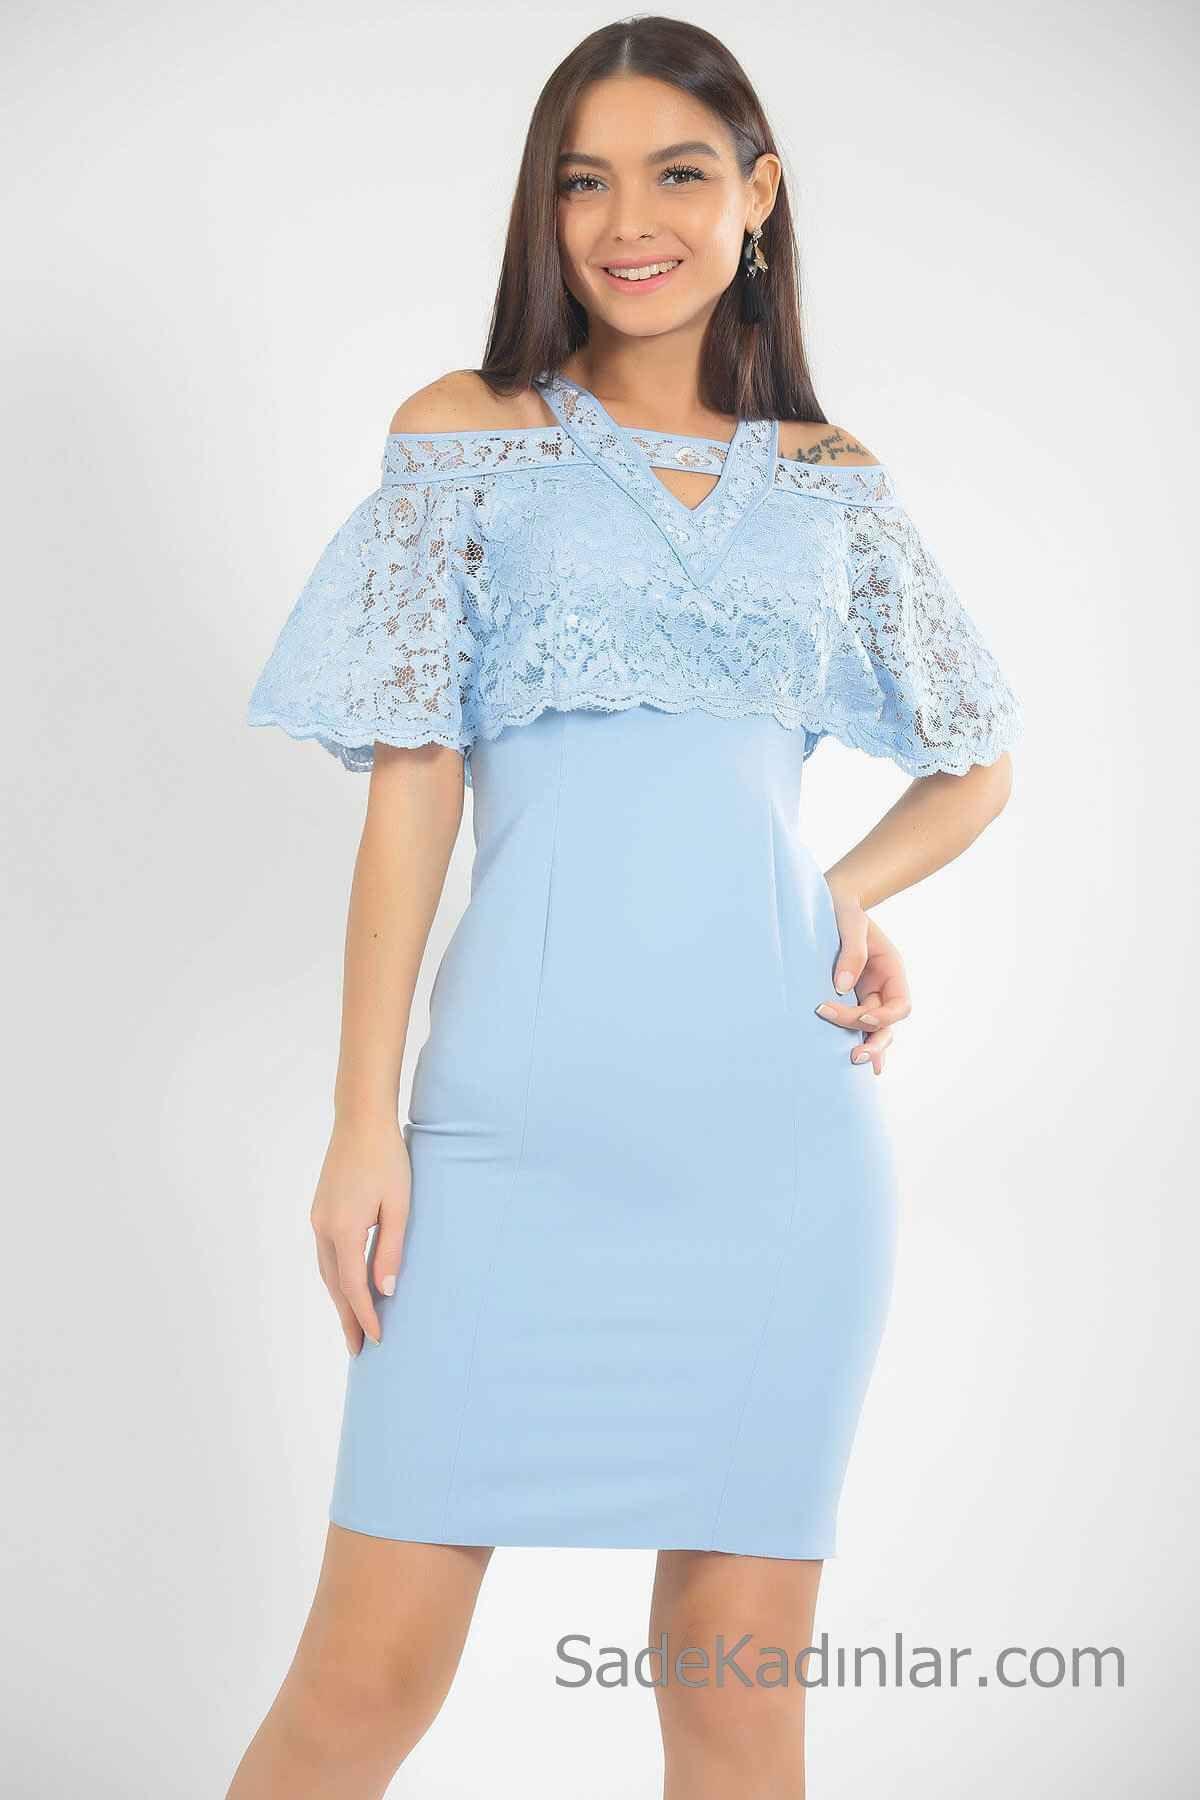 Fırfırlı Bluz - Gerçek kraliçeler için elbise